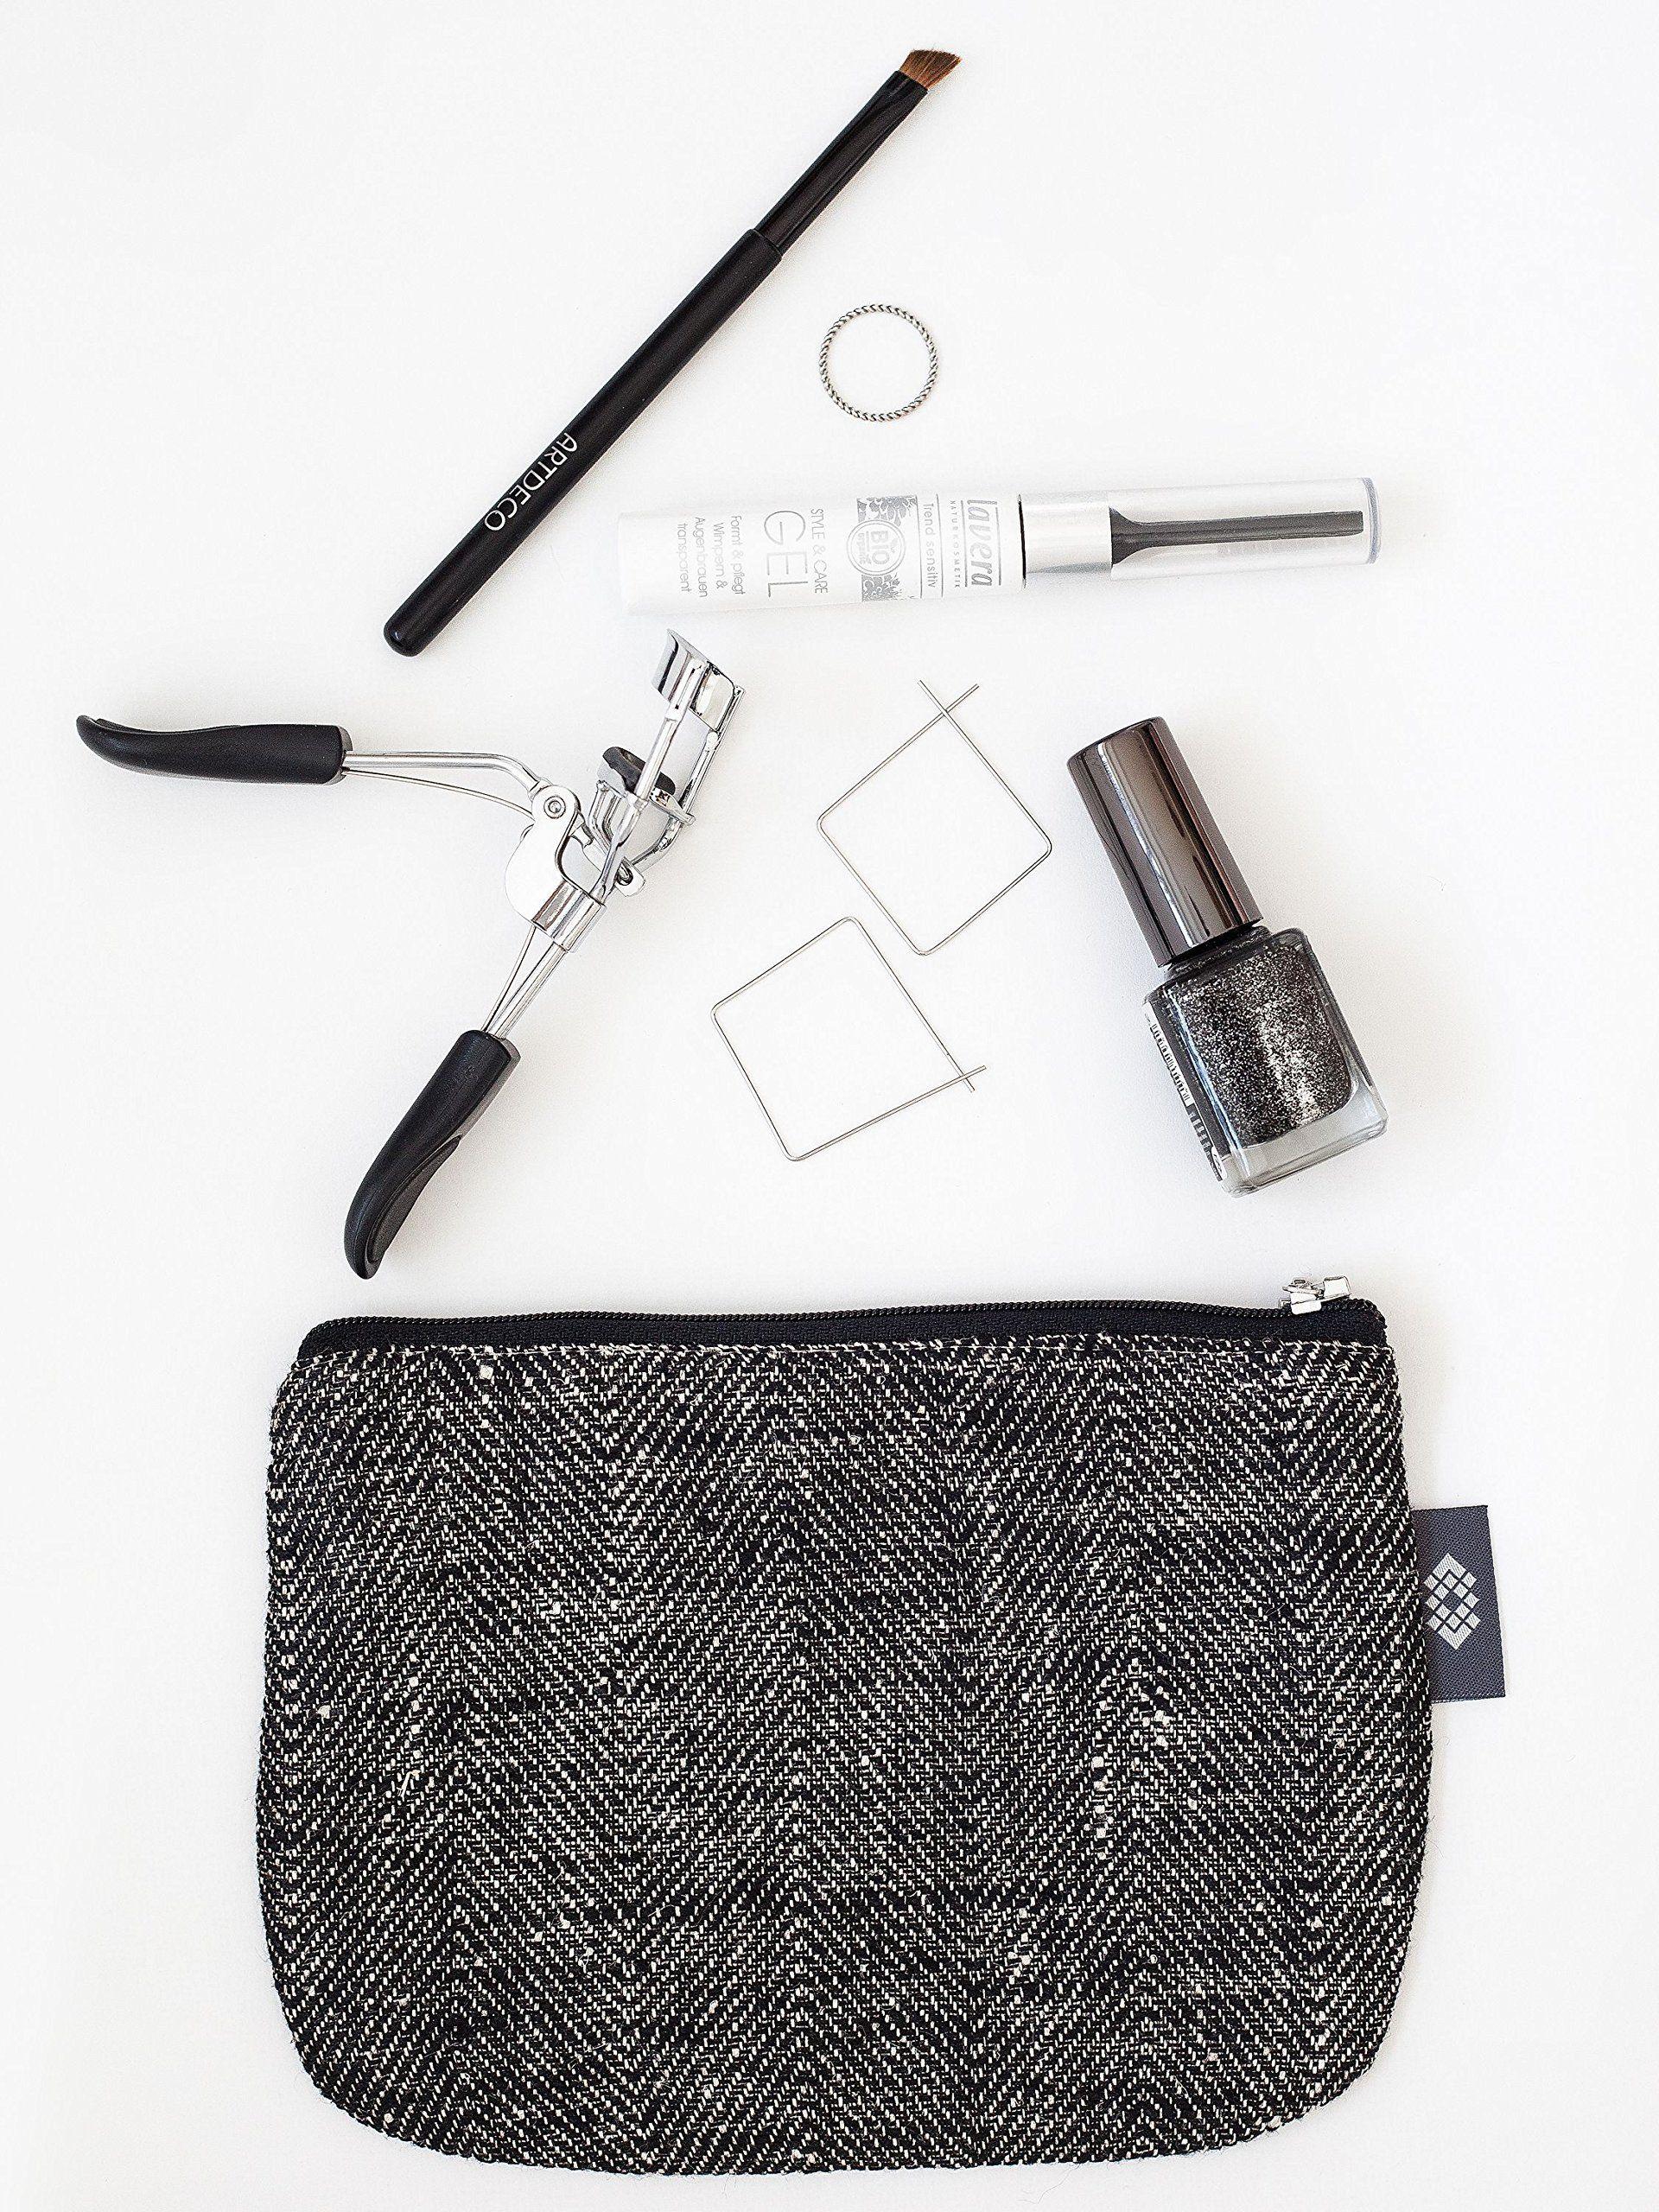 43d59723aef06 Kleine Schwarze Leinwand Kosmetiktasche - Doppellagige 100 Leinen -  Kupplung - Geldbeutel - Taschen und Portemonnaies